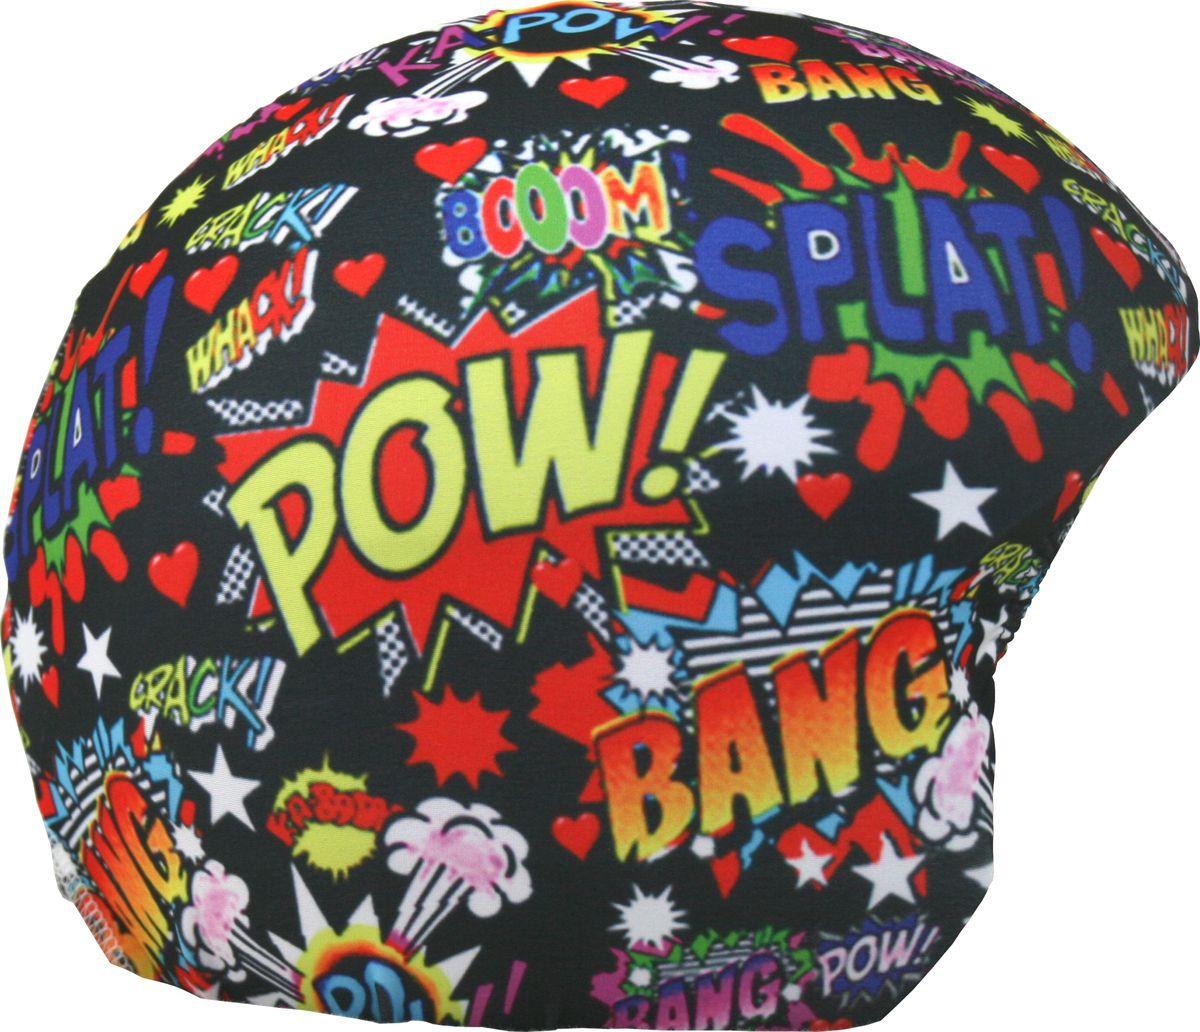 Нашлемник CoolCasc Boom. Бум!, цвет: черный, синий, красныйУТ-00007778Стильный нашлемник CoolCasc для спортивного шлема предназначен для занятий спортом (сноуборд, горные лыжи, велосипед) и развлечений. Легко надевается, защищает шлем от царапин. Размер - универсальный.Нашлемник CoolCasc поможет подчеркнуть вашу индивидуальность и выделит вас среди окружающих.Состав: 83% нейлон, 17% спандекс.